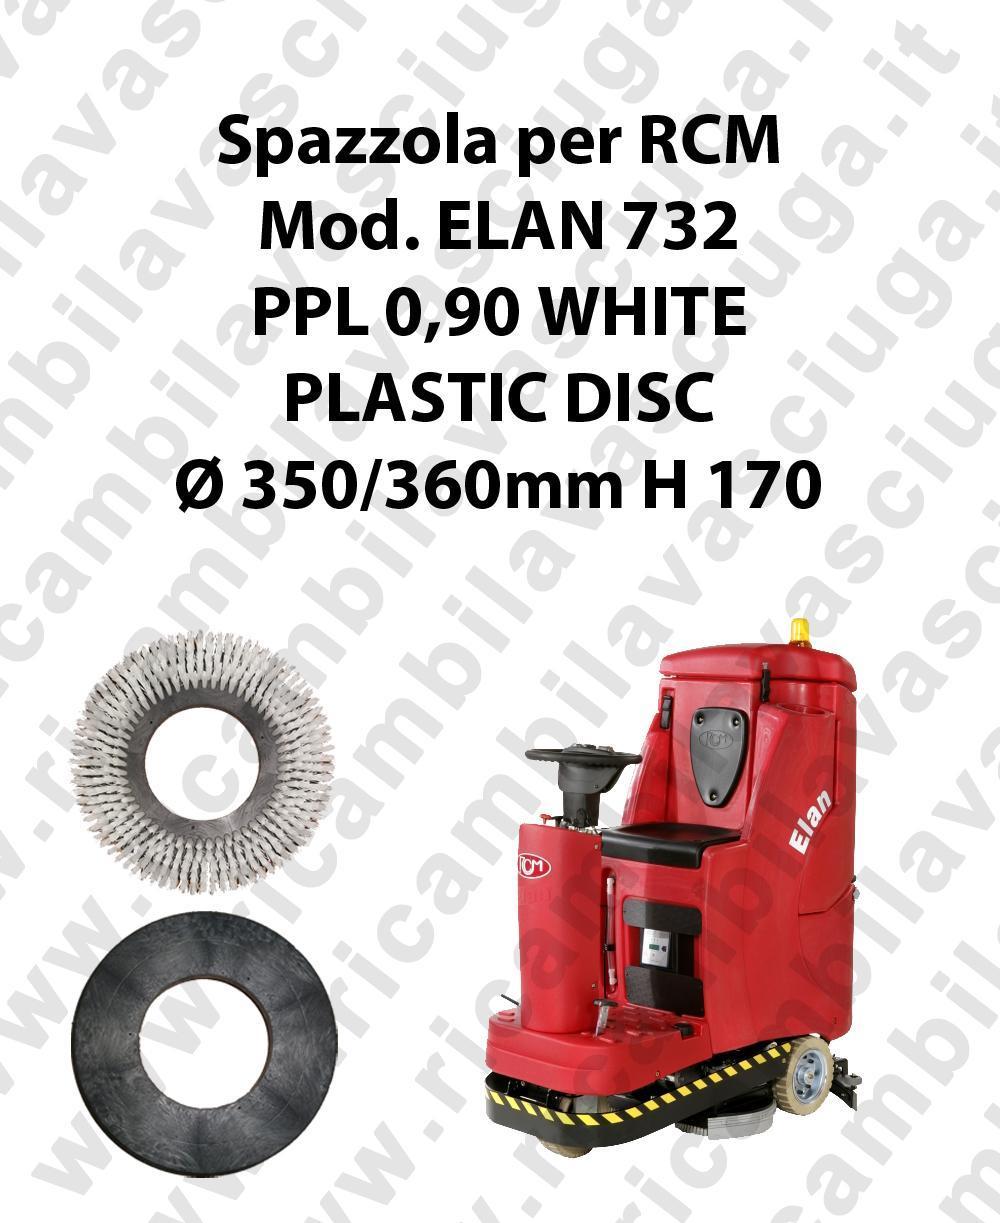 Cleaning Brush PPL 0.6 WHITE for scrubber dryer RCM Model ELAN 732